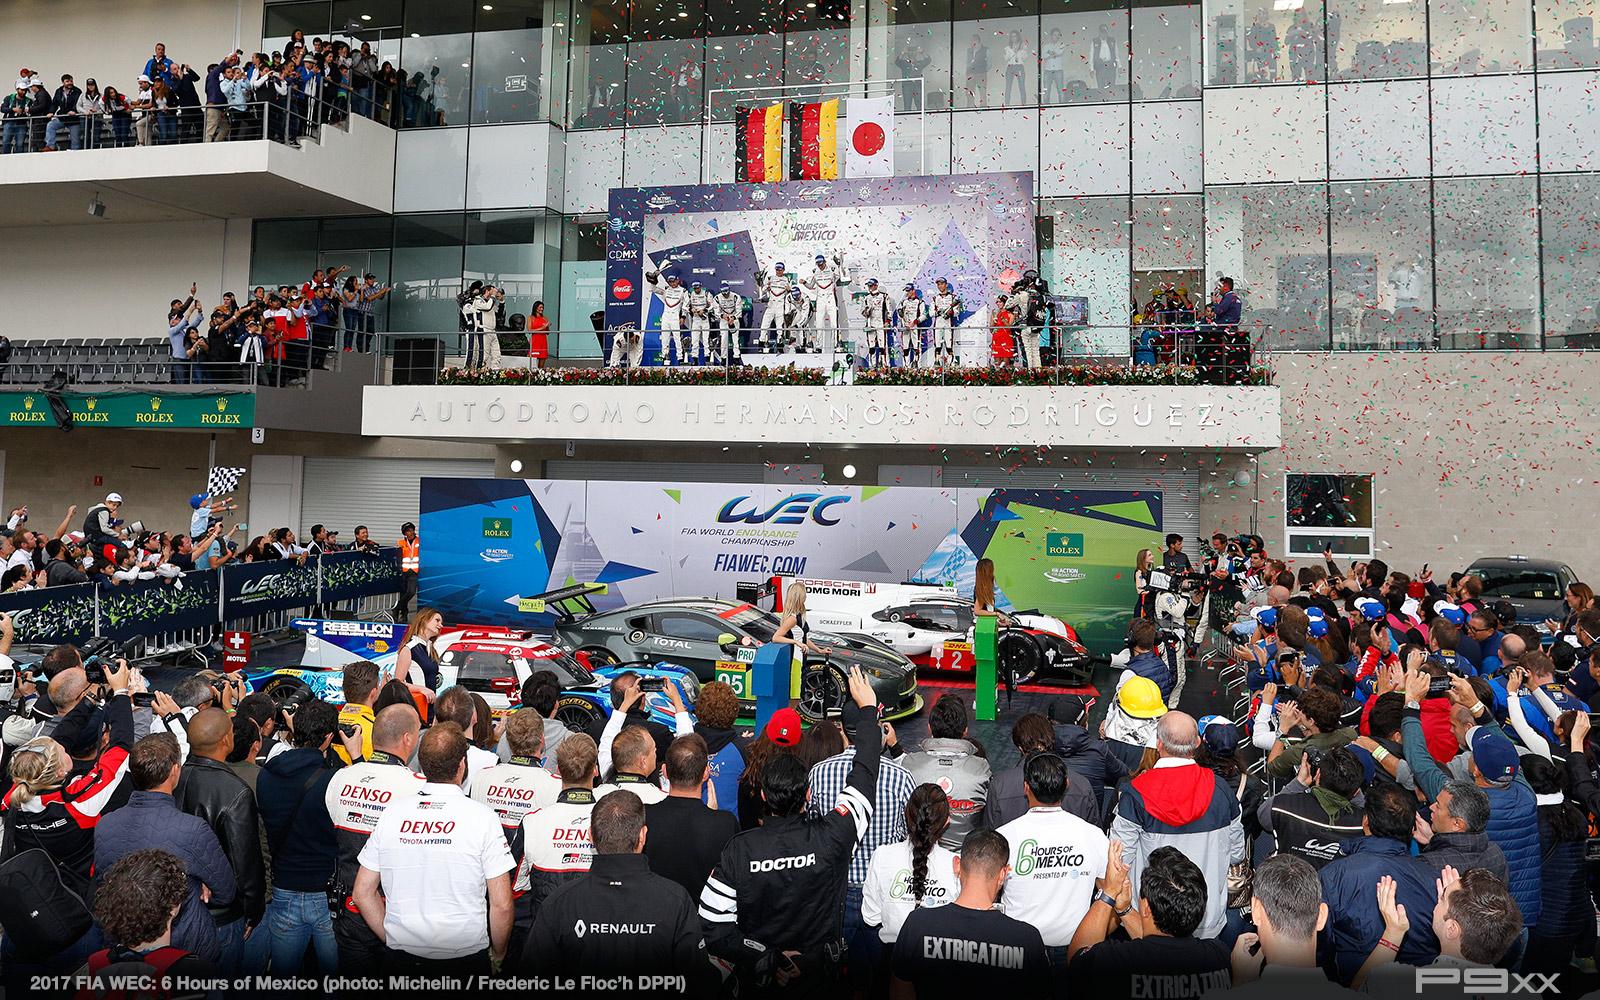 2017-FIA-WEC-6-HOURS-MEXICO-PORSCHE-exico_FLF_02117008_531581275